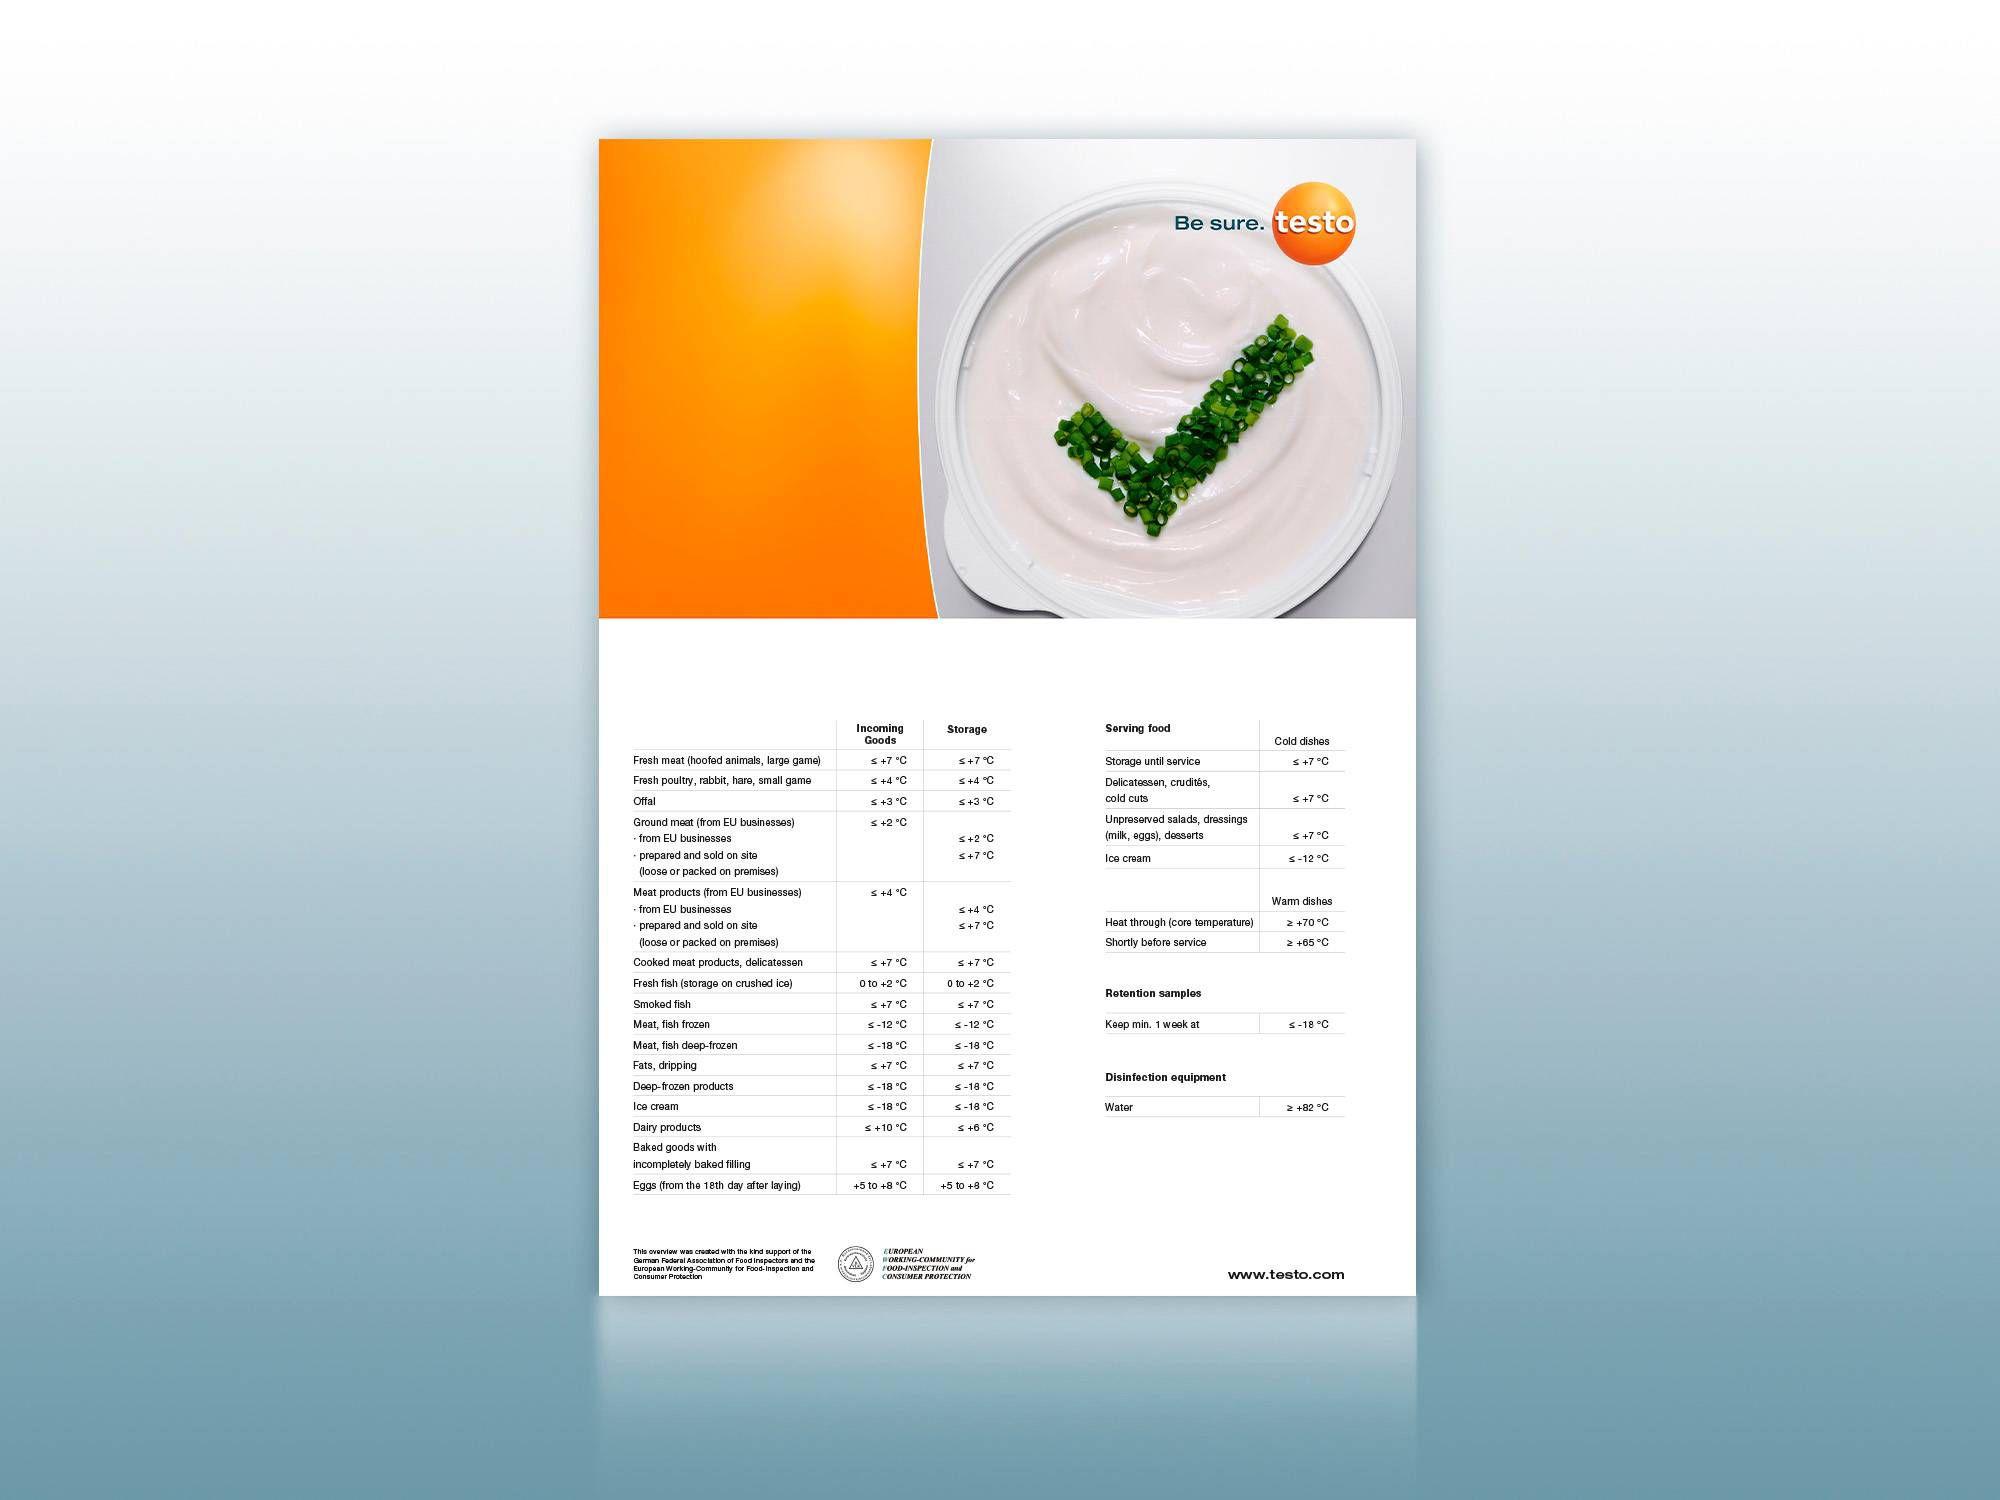 这份布局清晰的海报提供了所有的 HACCP 温度限值